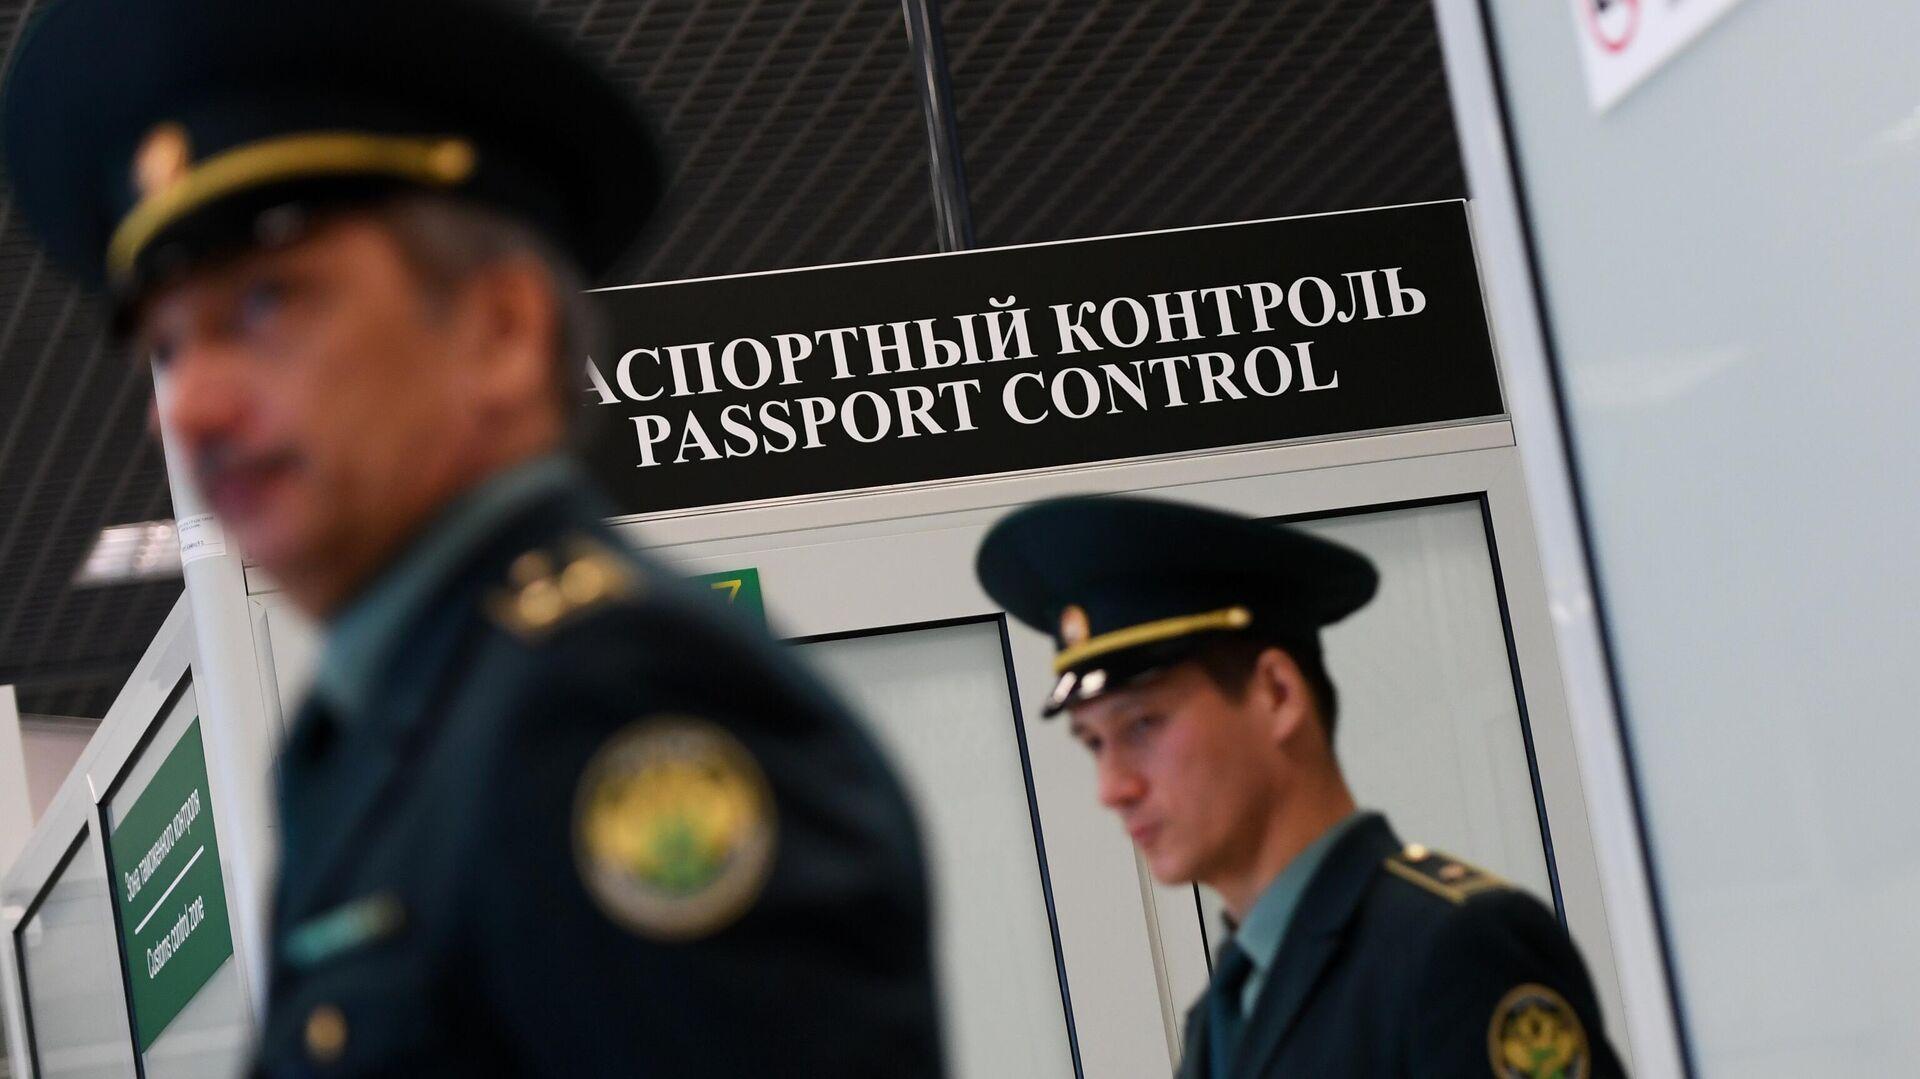 Зона паспортного контроля  - Sputnik Узбекистан, 1920, 07.09.2021